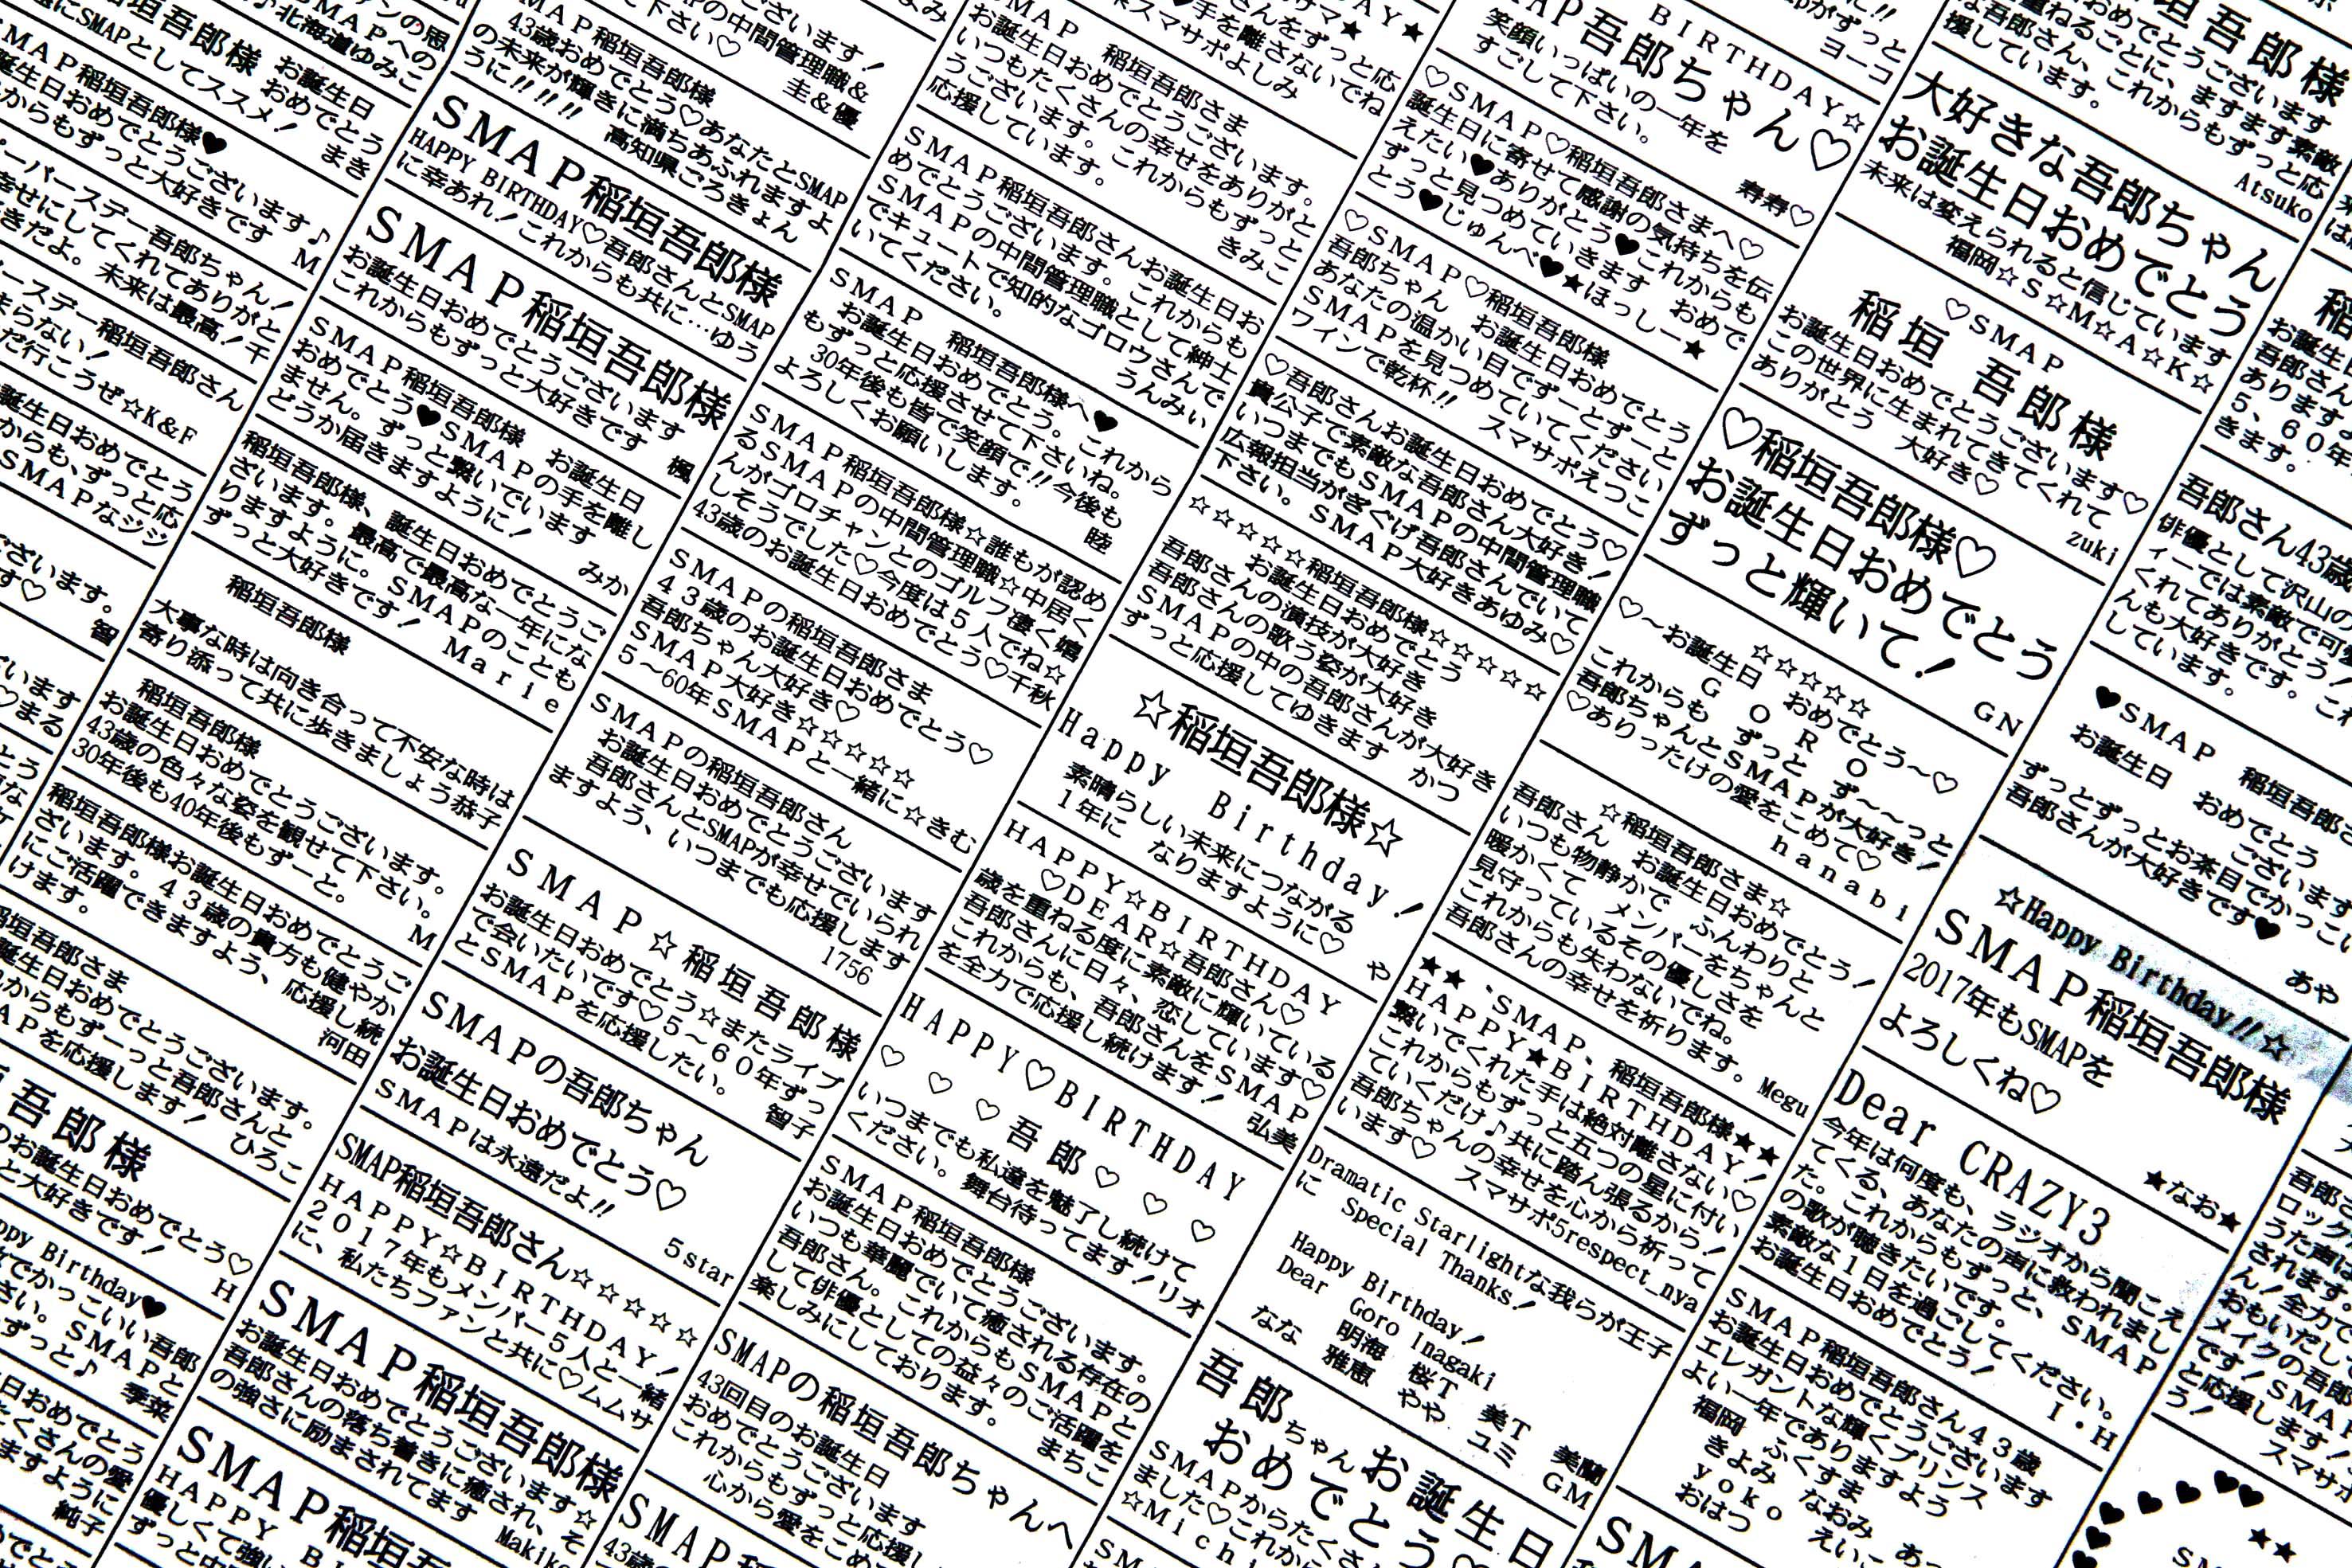 ついに実現したSMAPへの全面広告(8日付の東京新聞朝刊)